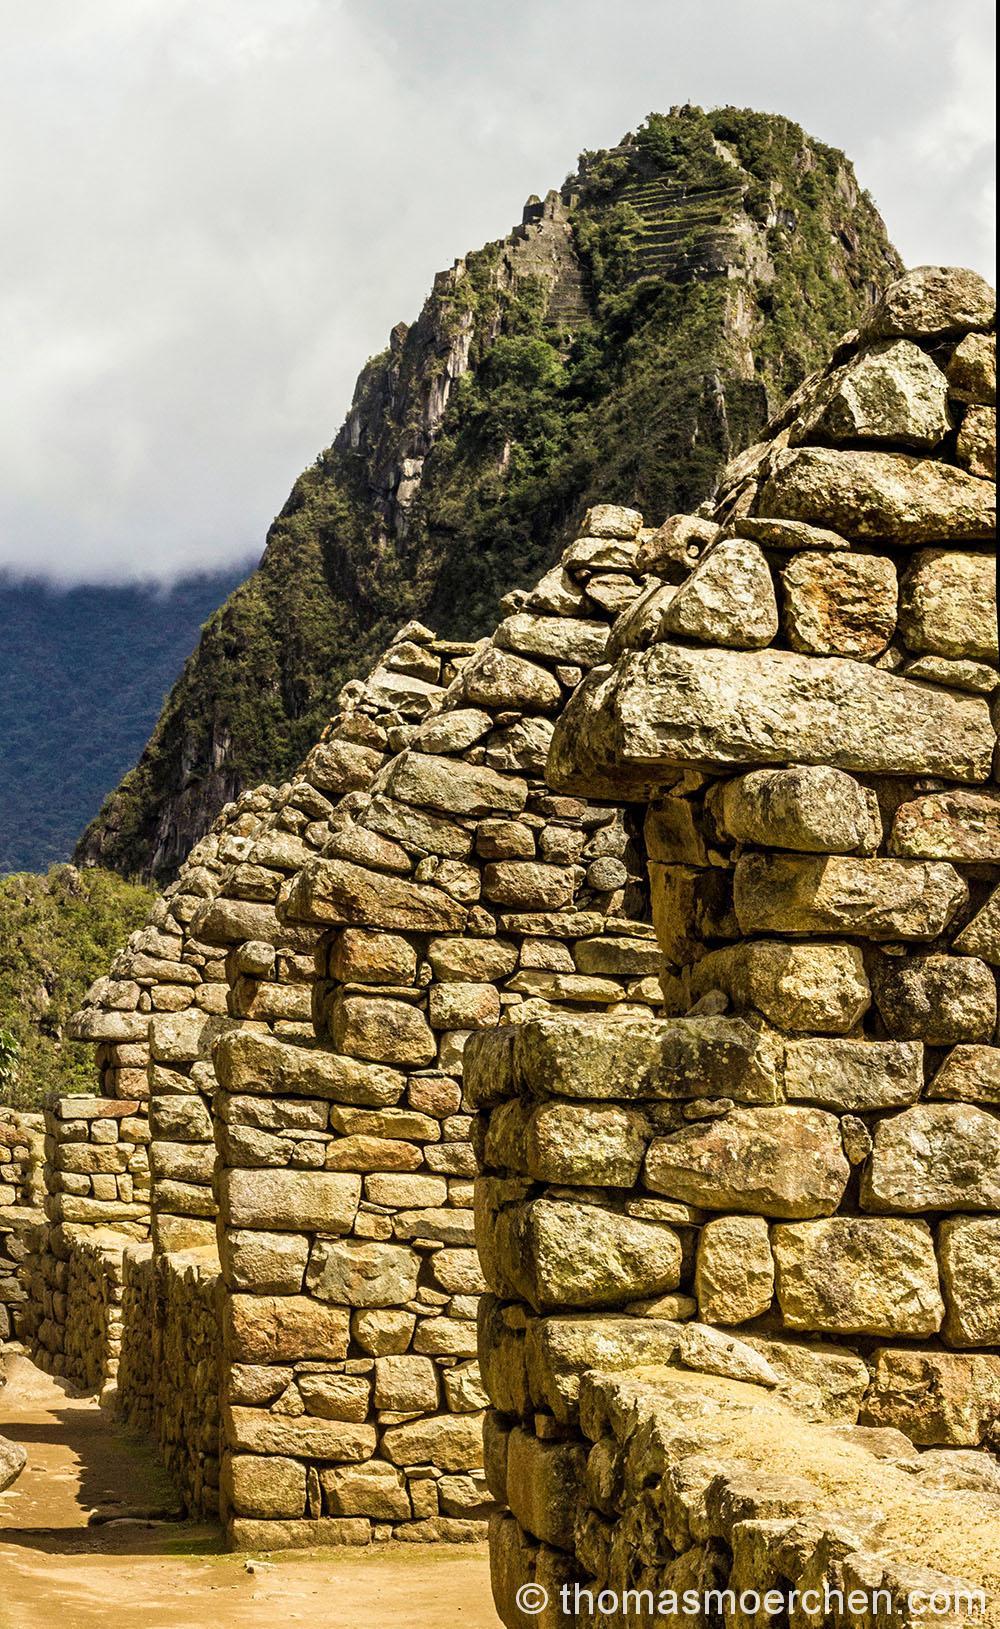 Im Hintergrund der Berg Machu Picchu